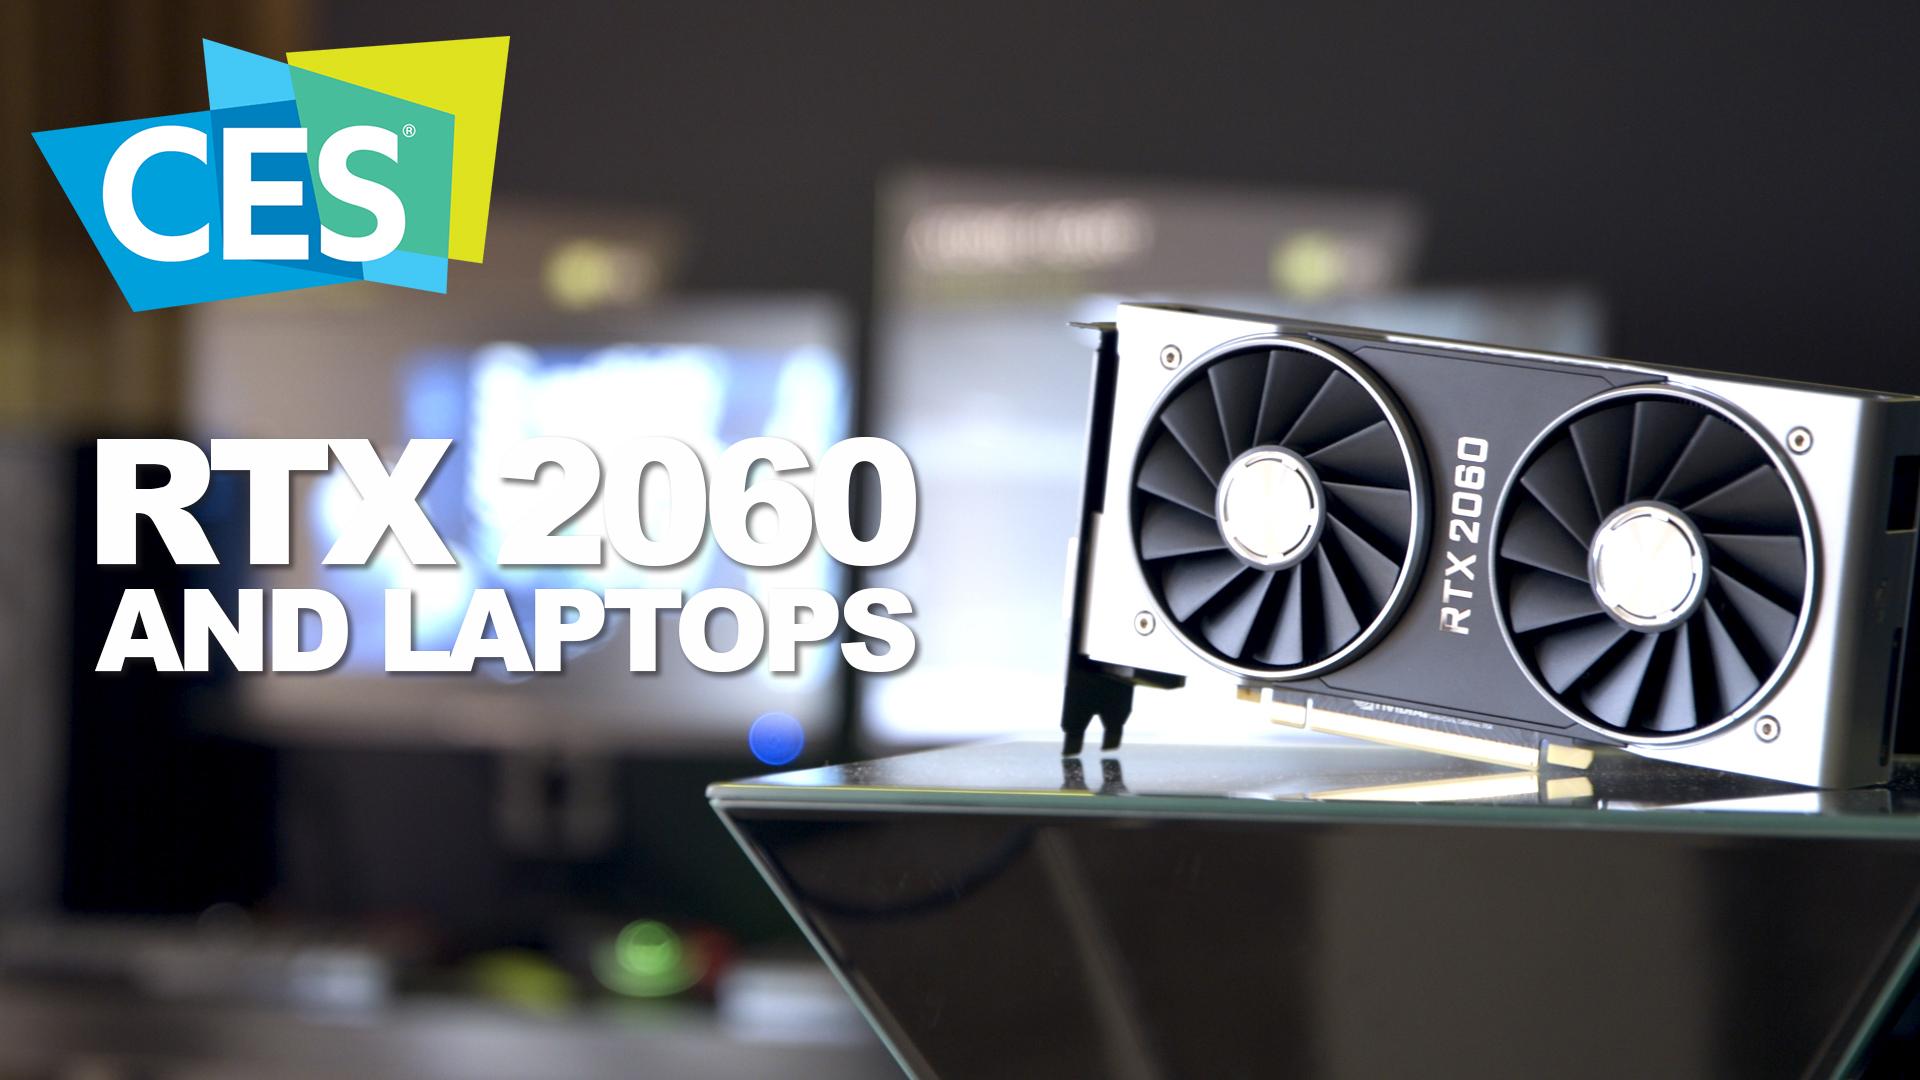 CES 2019: NVIDIA's 2060 GPU and RTX laptops - Newegg Insider